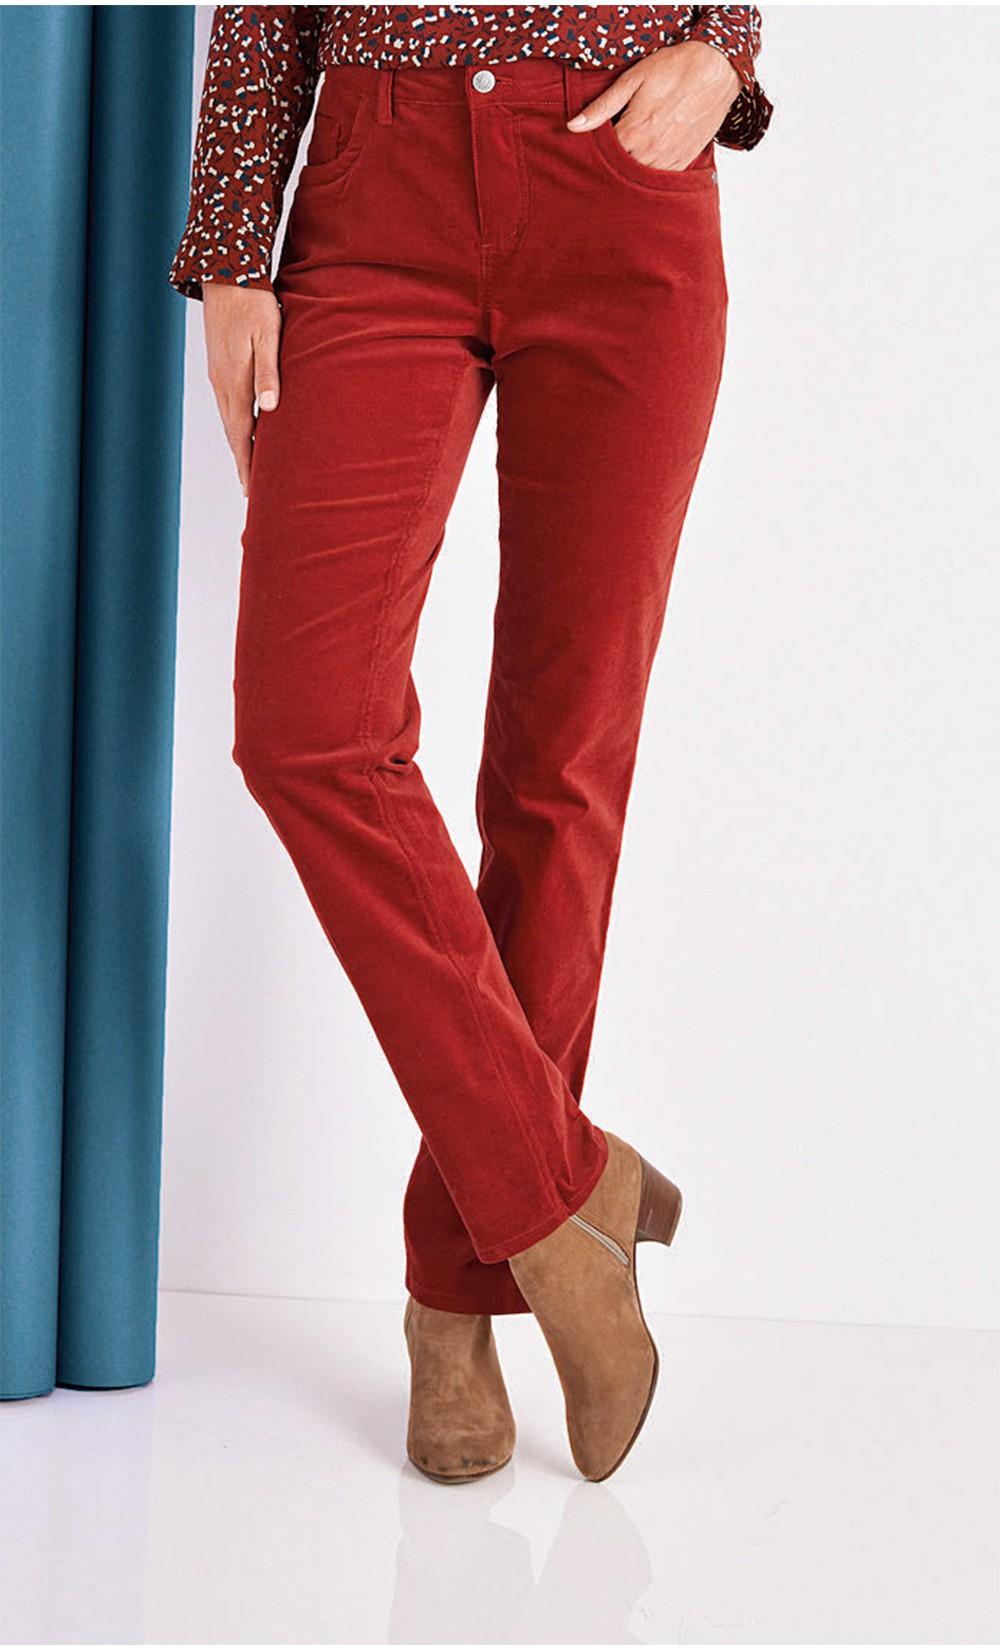 pantalon 5 poches - NEVEU